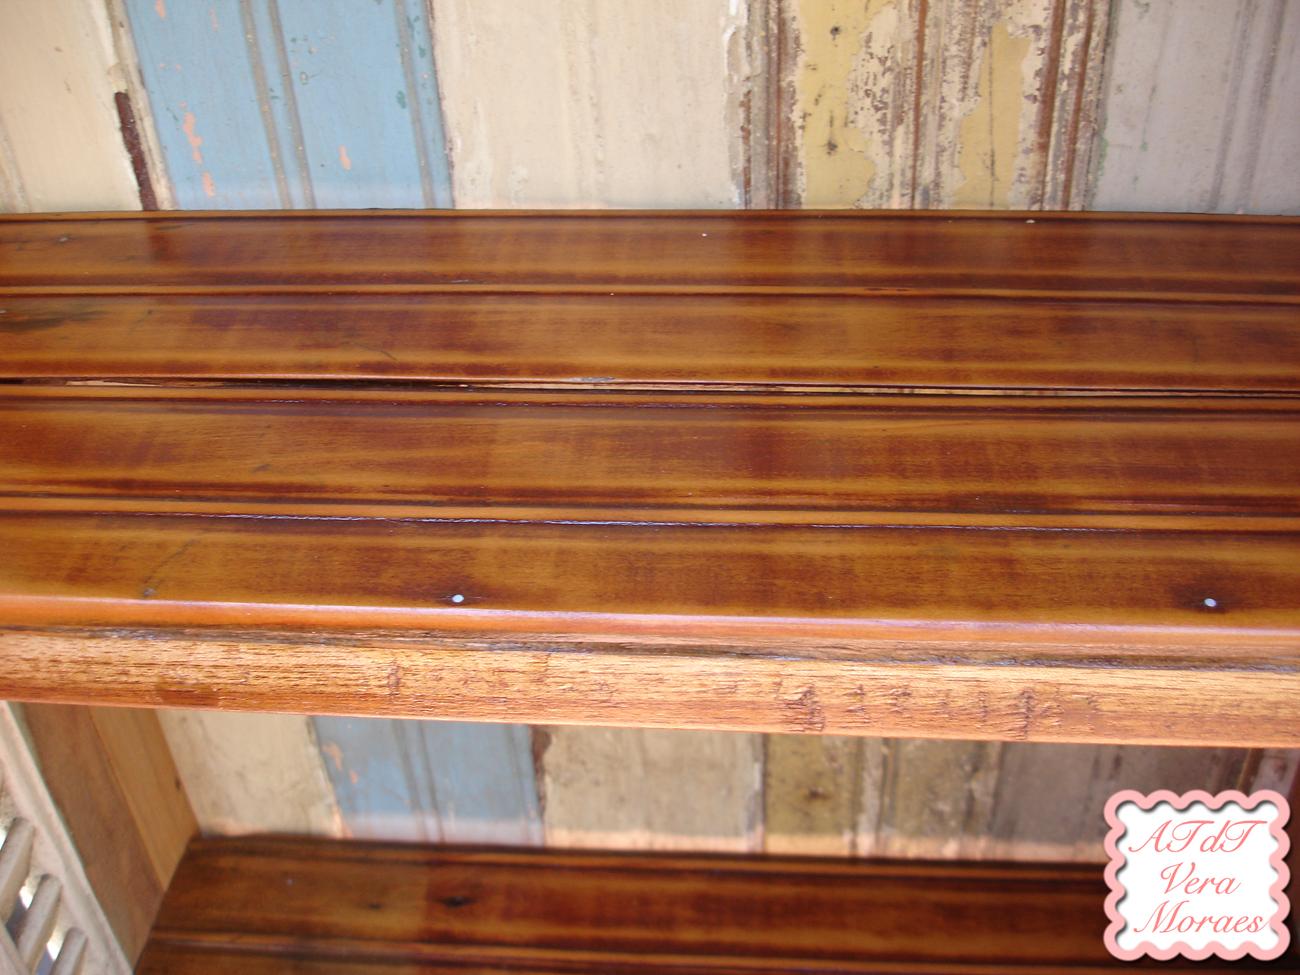 de garimpo: a prateleira as ferragens e os entalhes em madeira na #7D3E23 1300x975